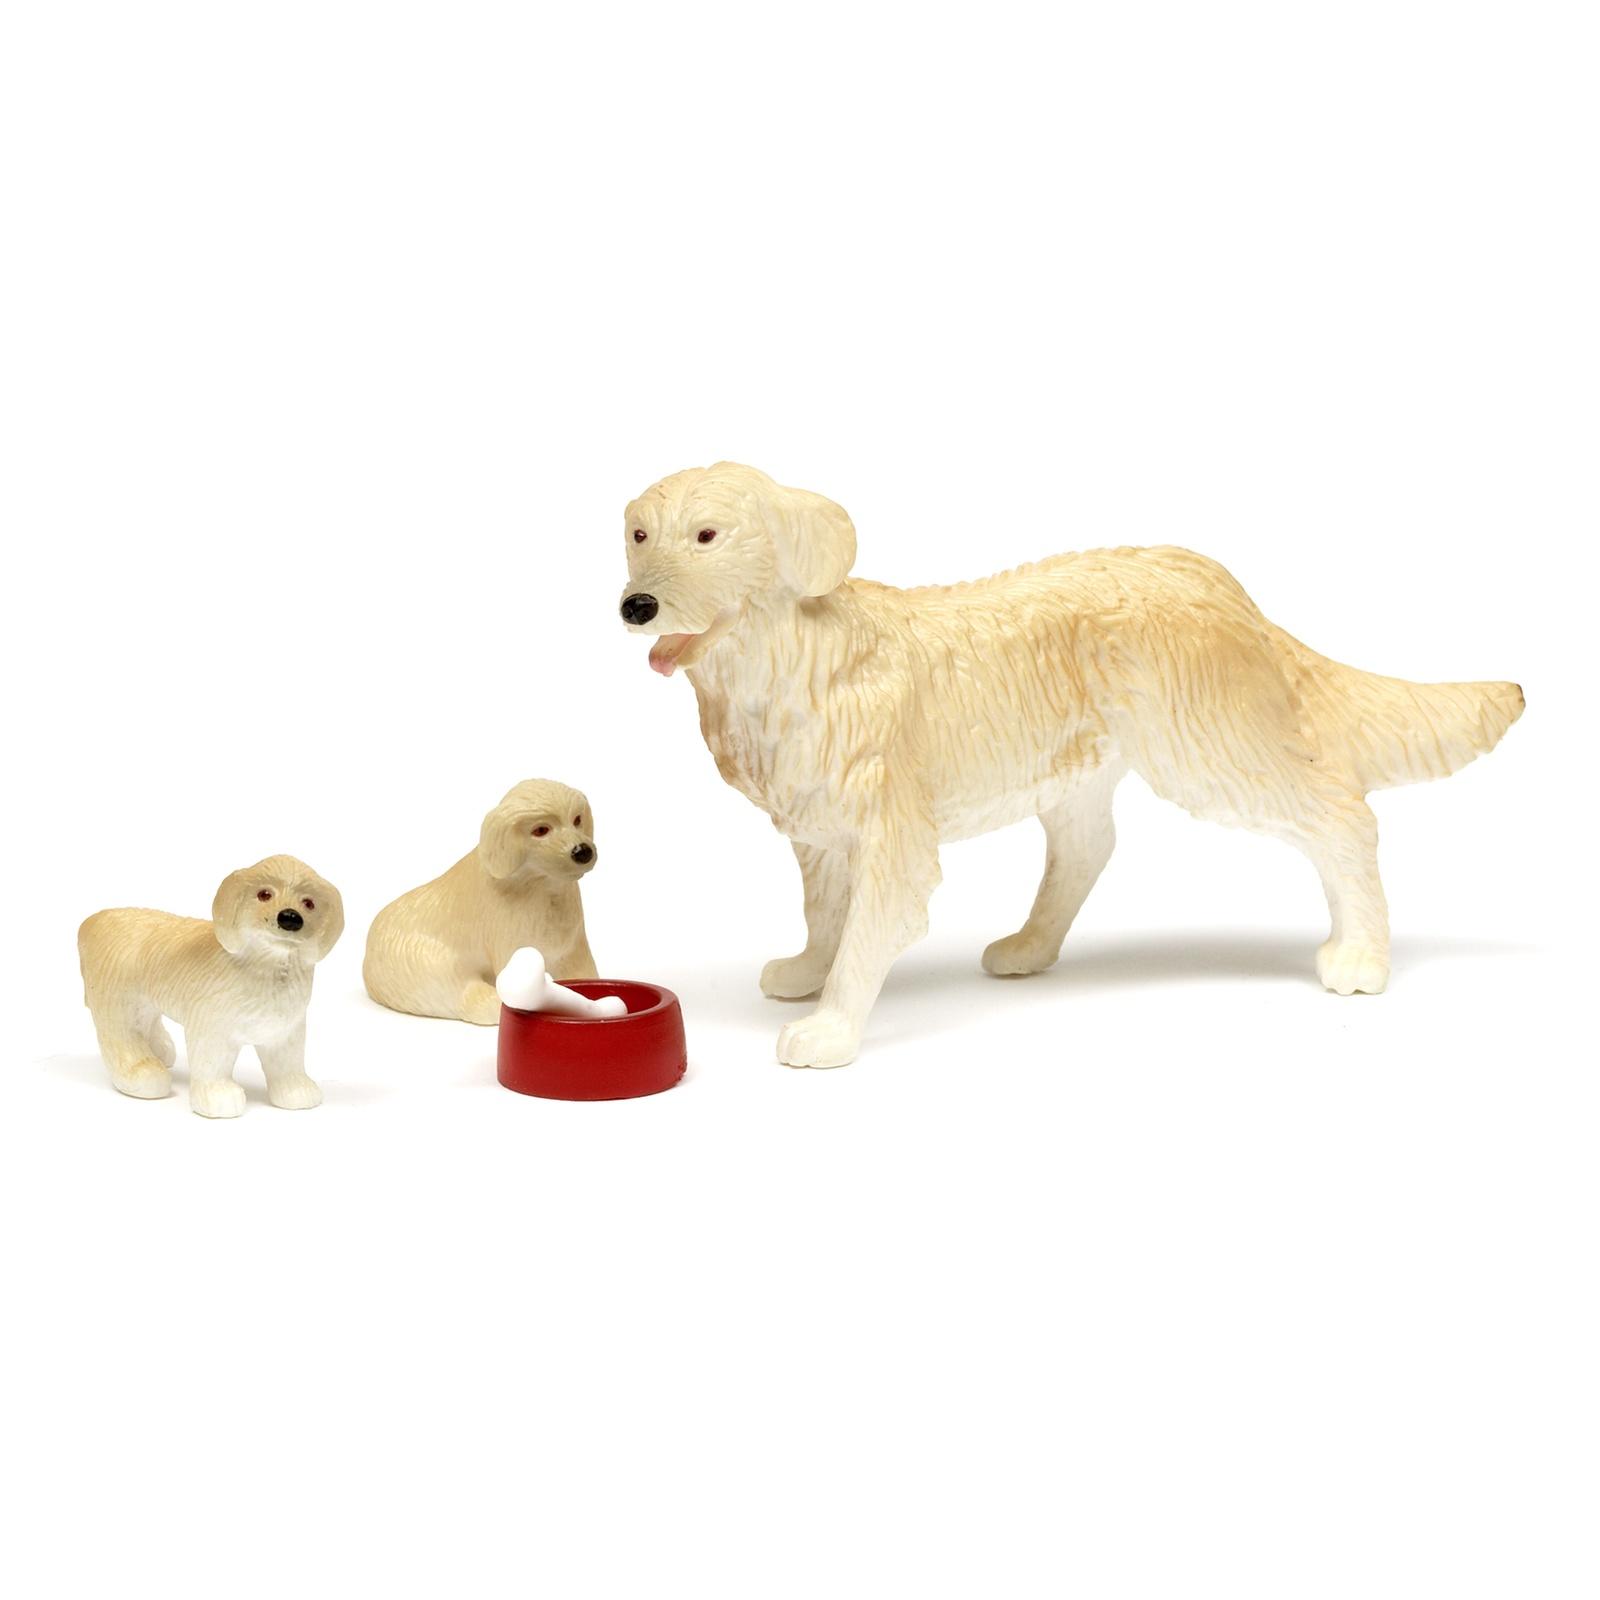 Фото - Домашние животные для кукольного домика Lundby Пес семьи со щенками, LB_60805500 аксессуары для домика lundby домашние животные